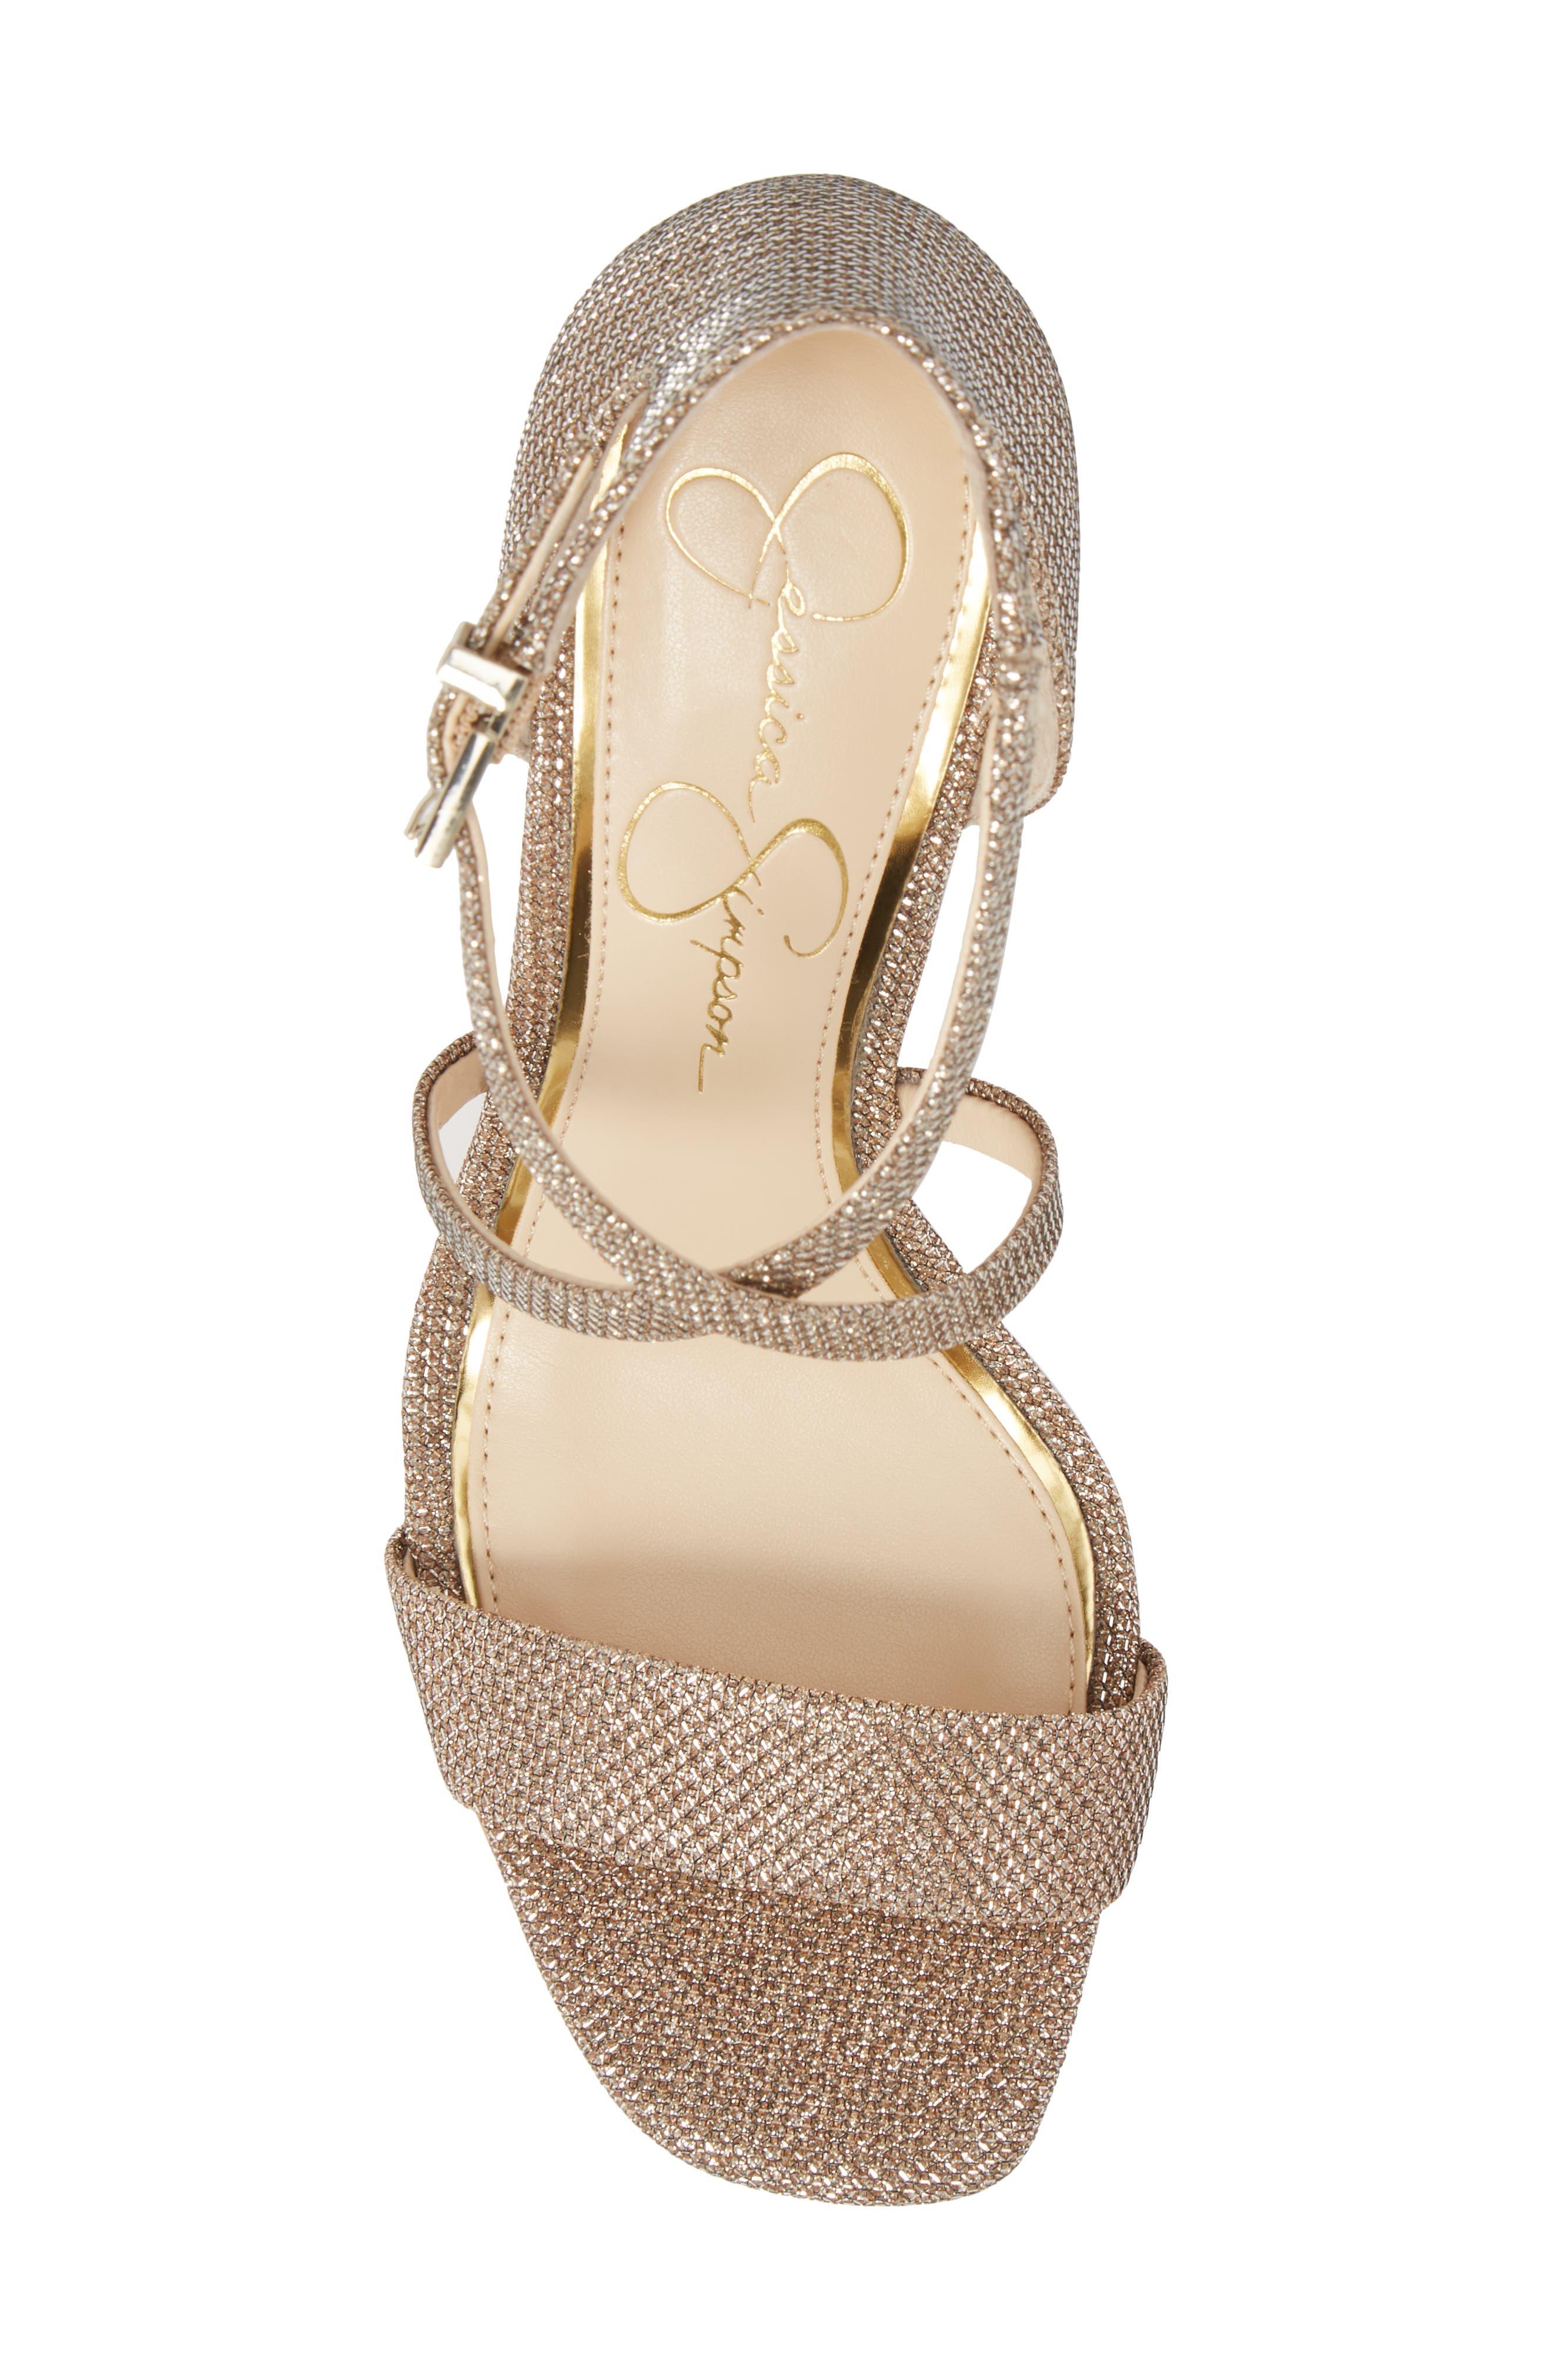 Stassi Cross Strap Wedge Sandal,                             Alternate thumbnail 5, color,                             GOLD